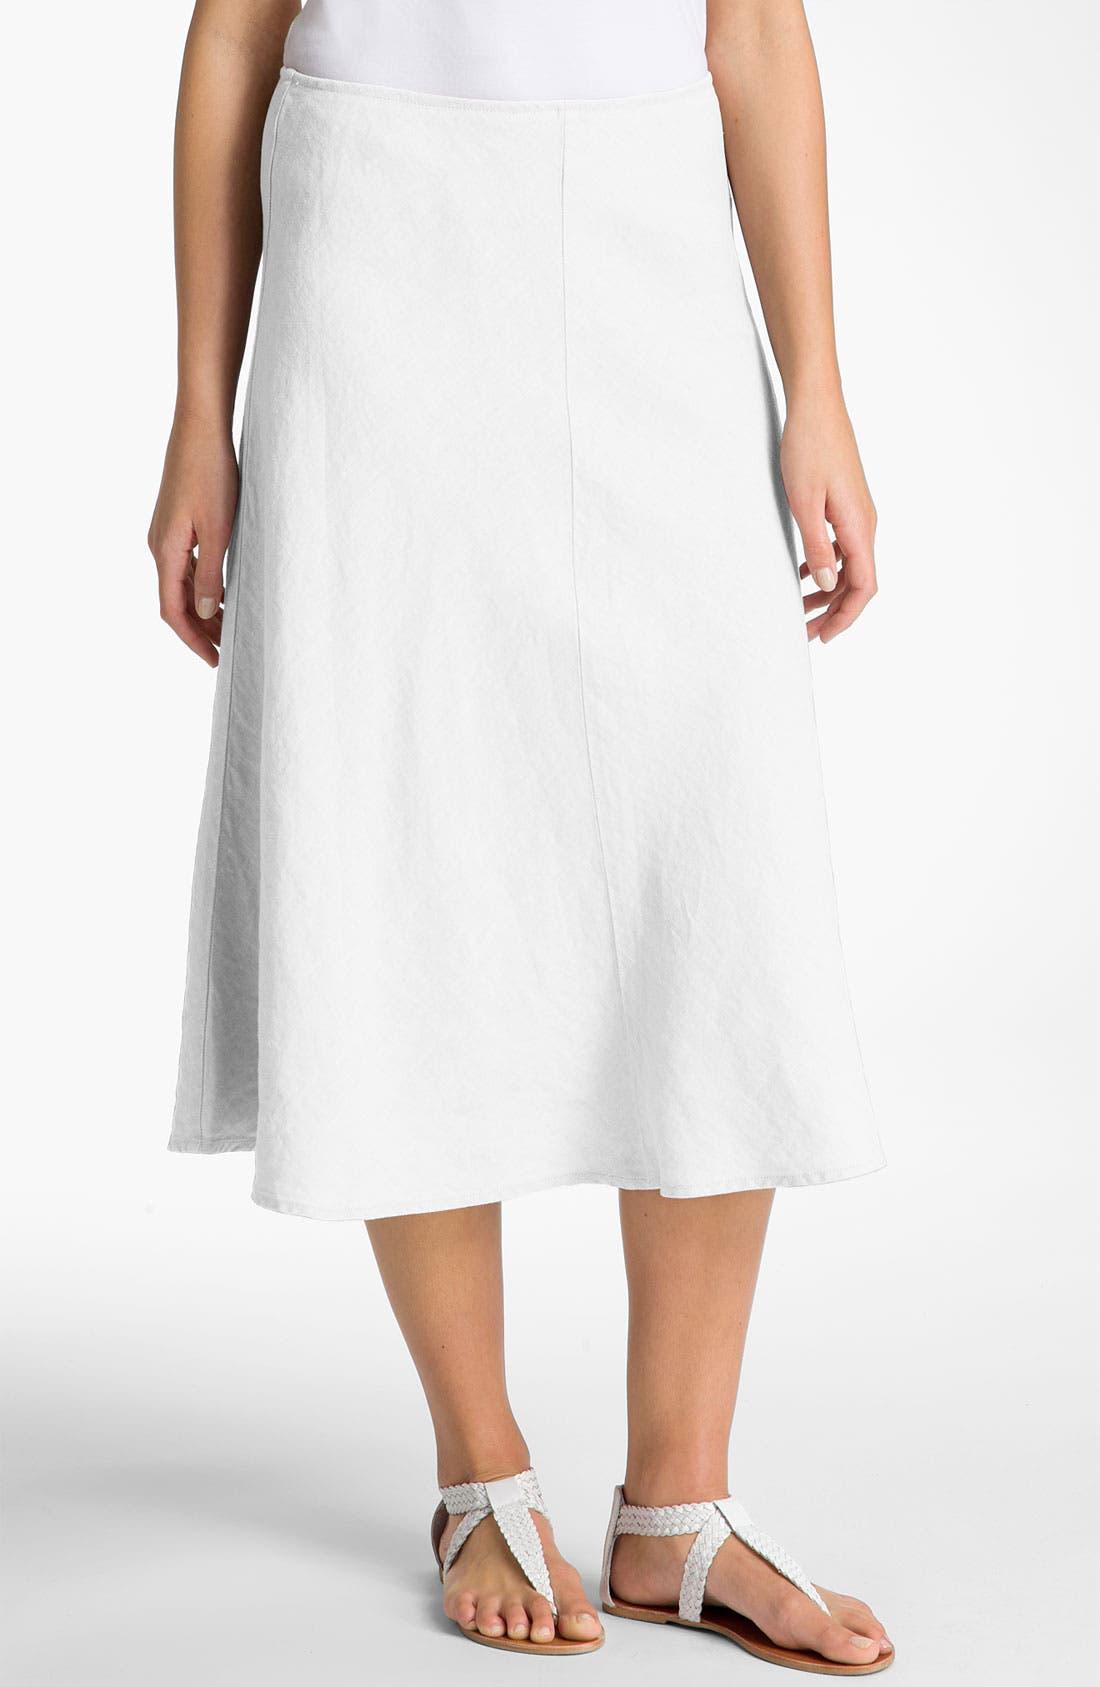 Alternate Image 1 Selected - Eileen Fisher Linen Skirt